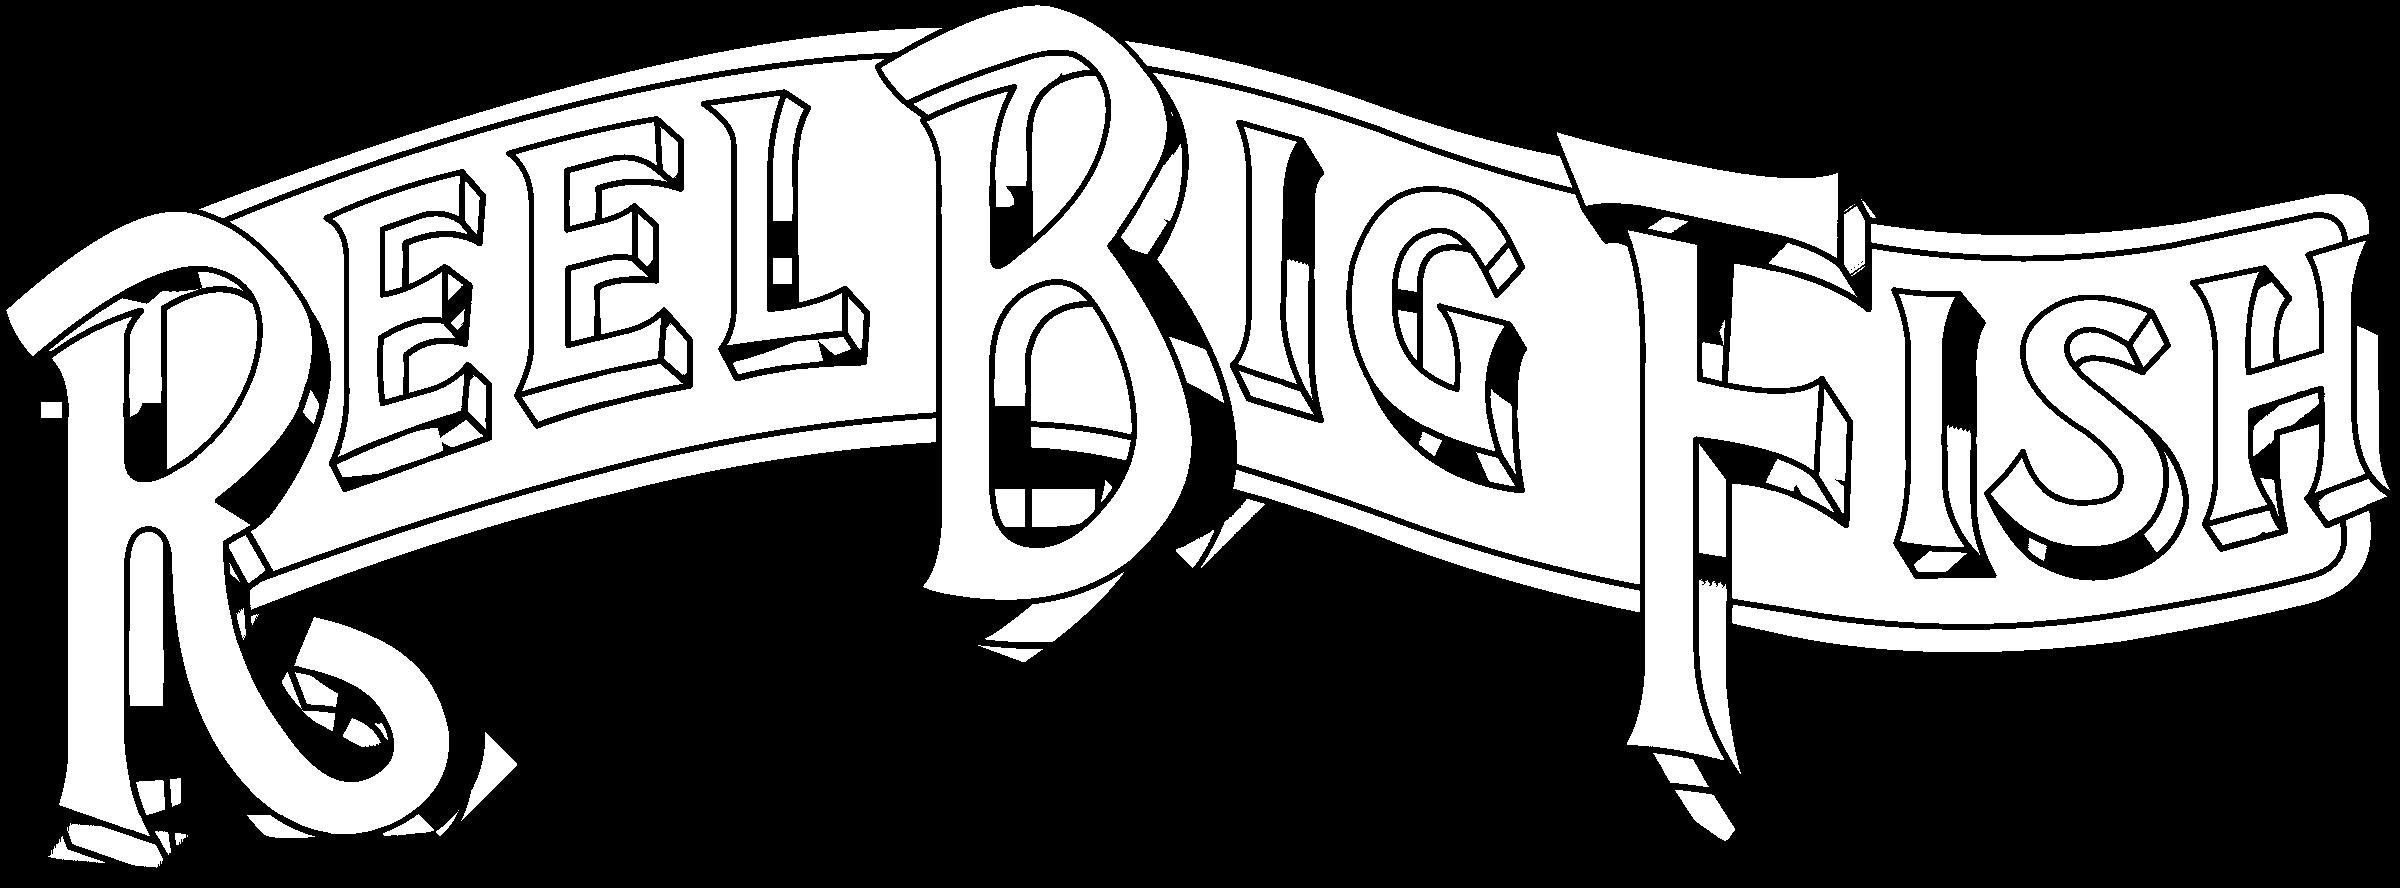 Reel Big Fish Logo PNG Transparent & SVG Vector.